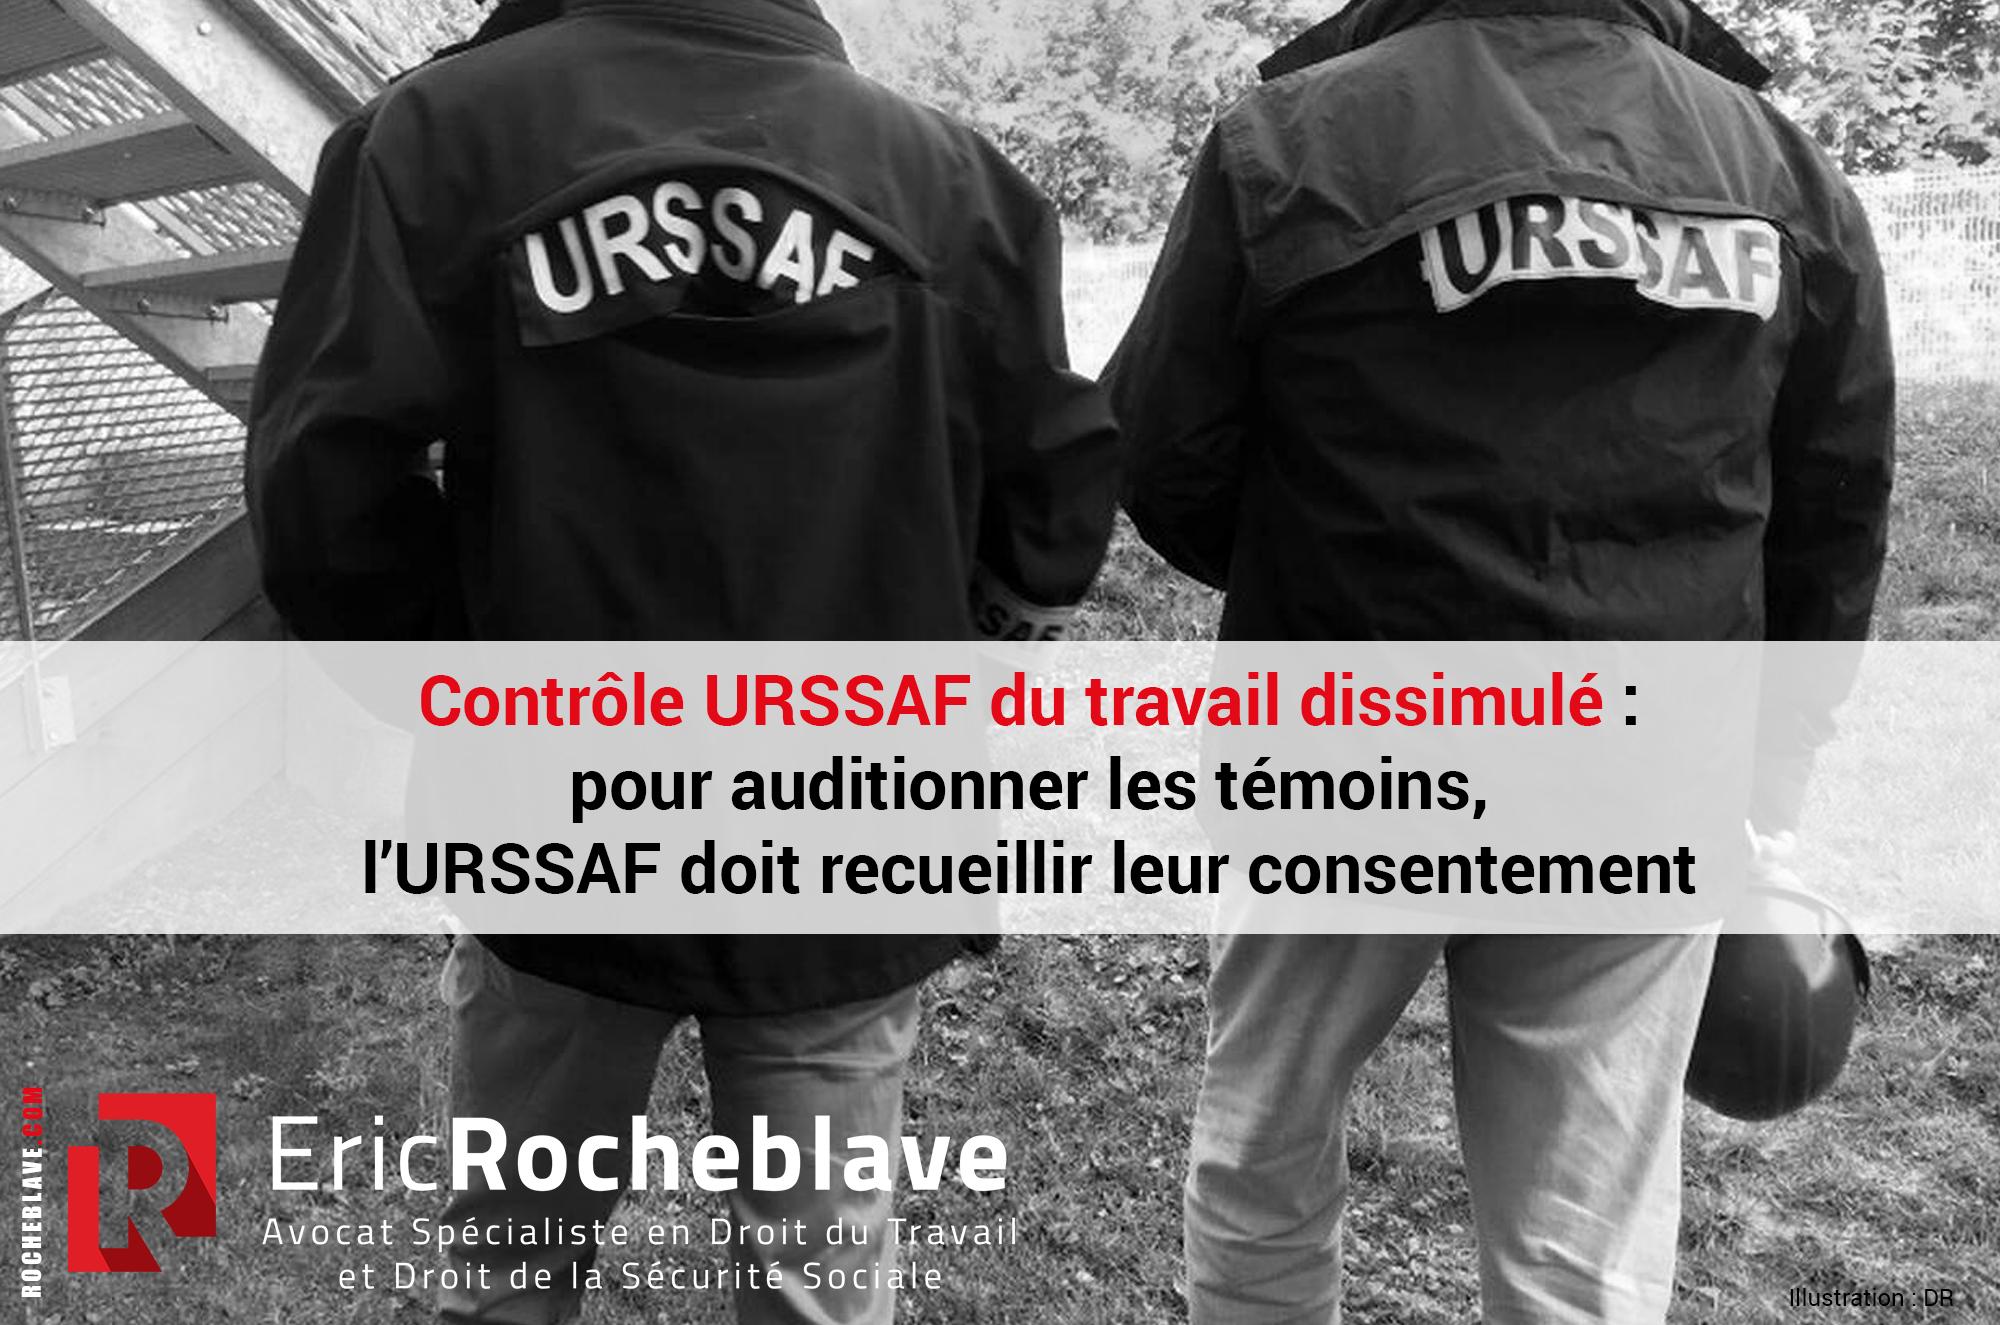 Contrôle URSSAF du travail dissimulé : pour auditionner les témoins, l'URSSAF doit recueillir leur consentement